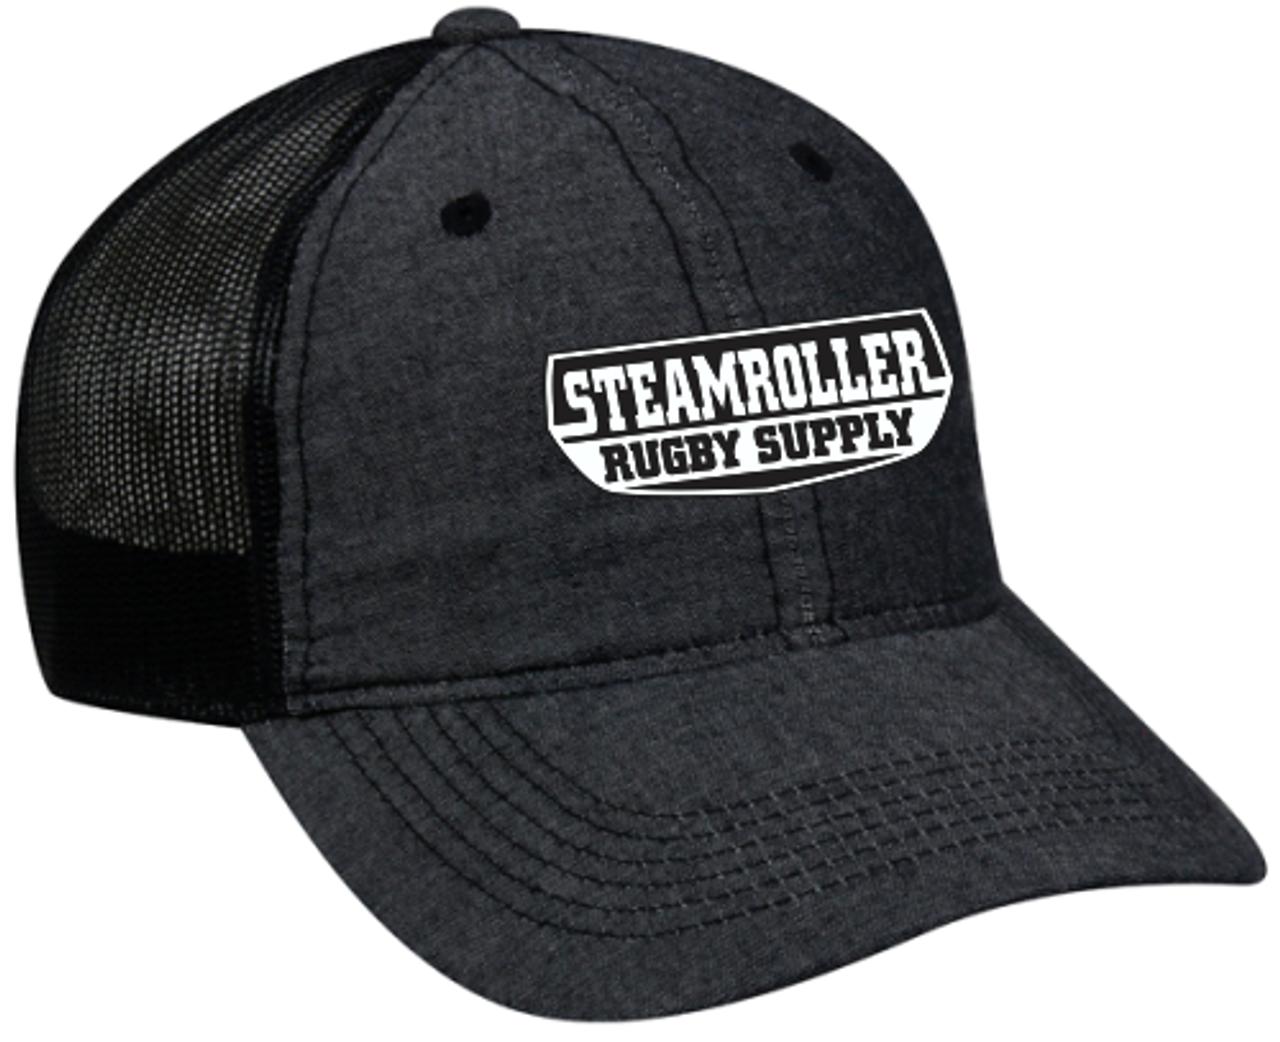 SRS Mesh-Back Adjustable Hat, Black/Black